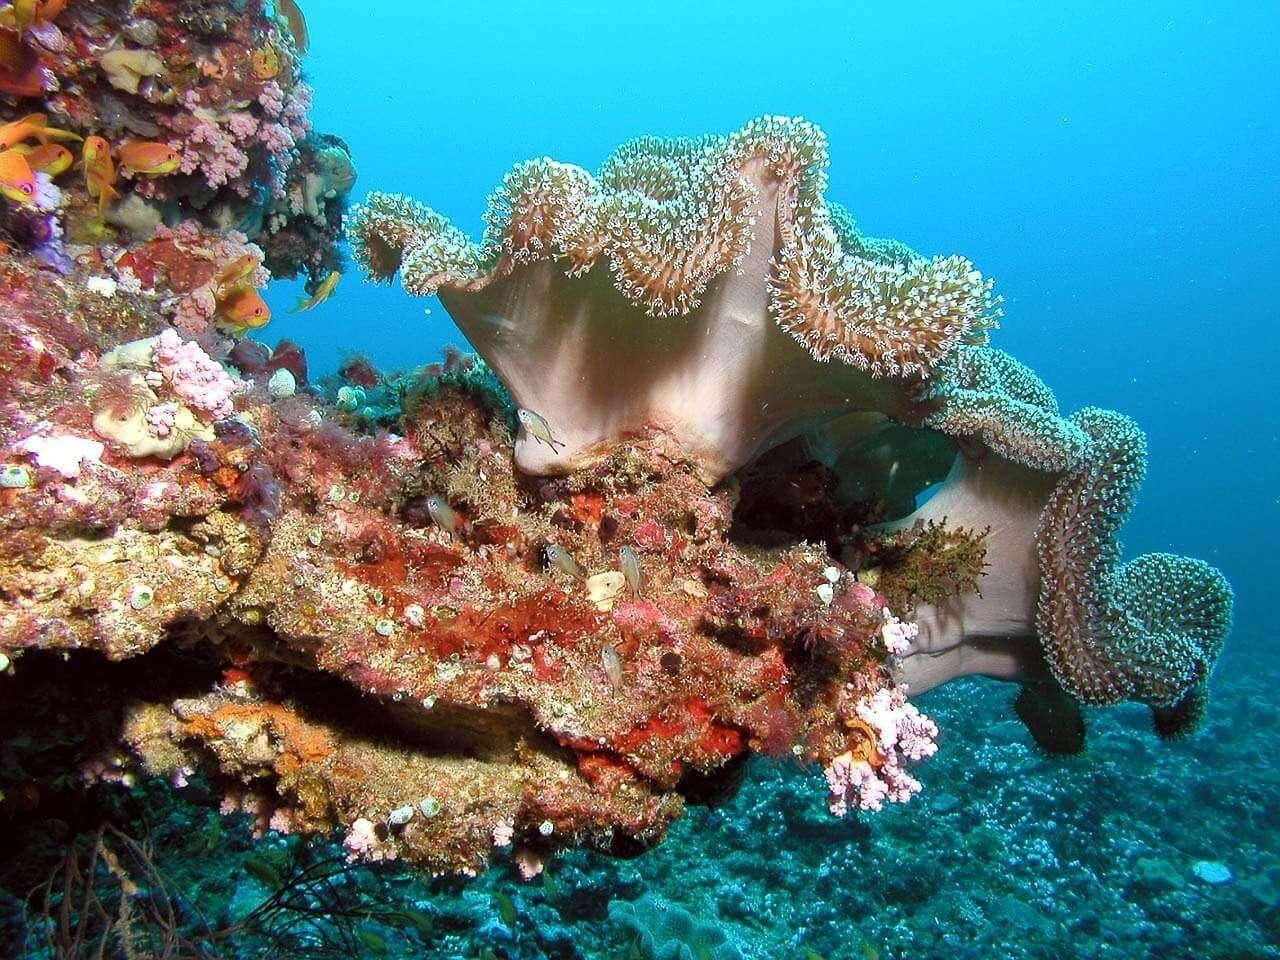 Vita sottomarina - Maldive